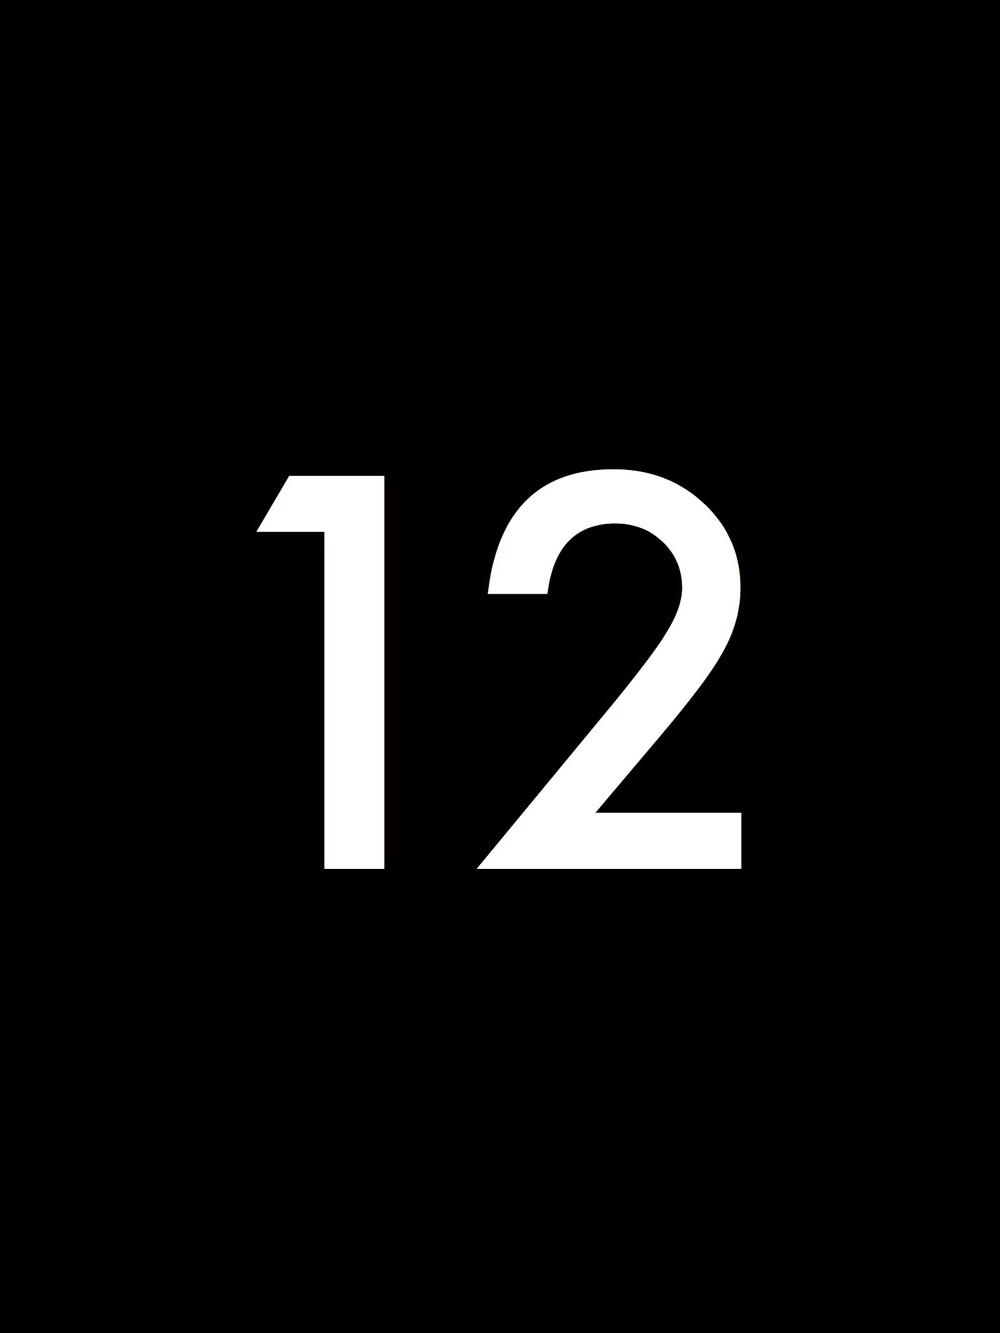 Black_Number.012.jpg